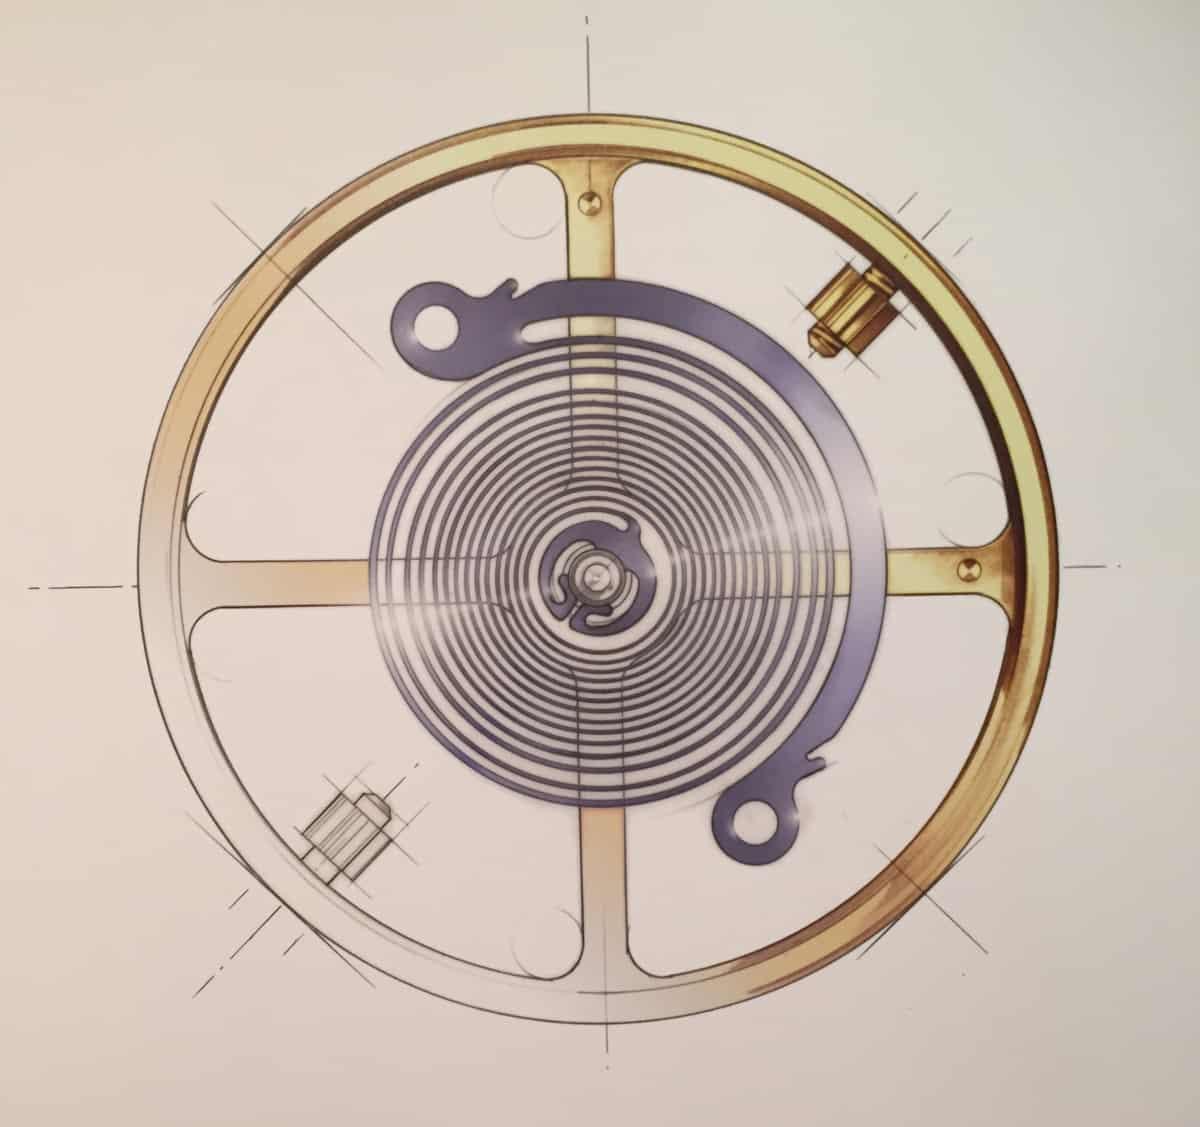 Bei Silizium Unruhspiralen Rolex Syloxi ohne sich ein Rücker-System mit variabler Trägheit